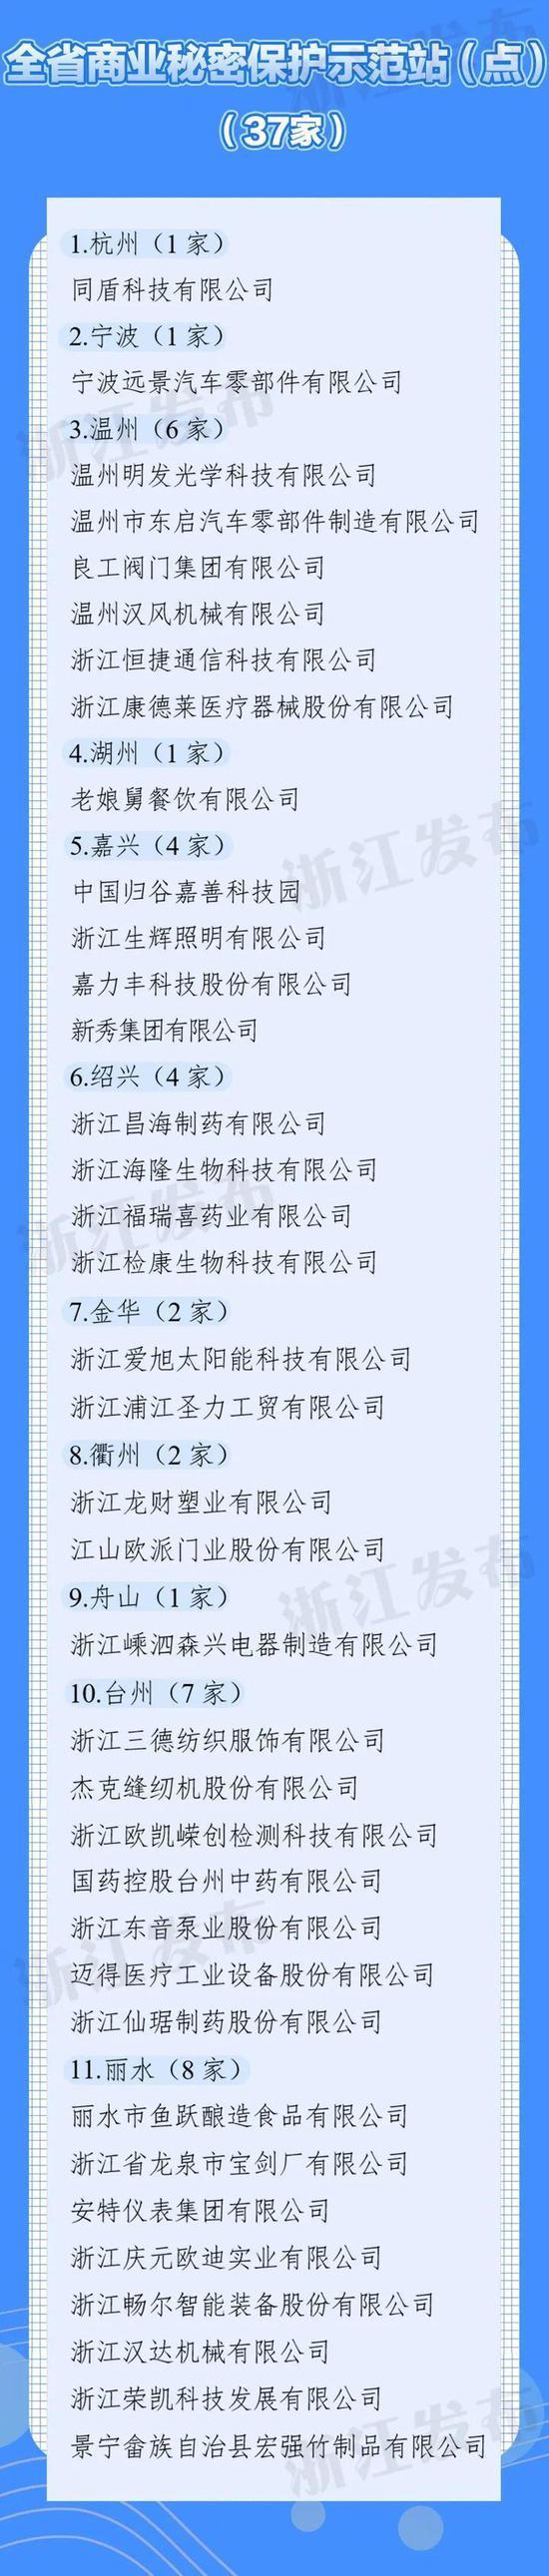 图片来源:浙江发布